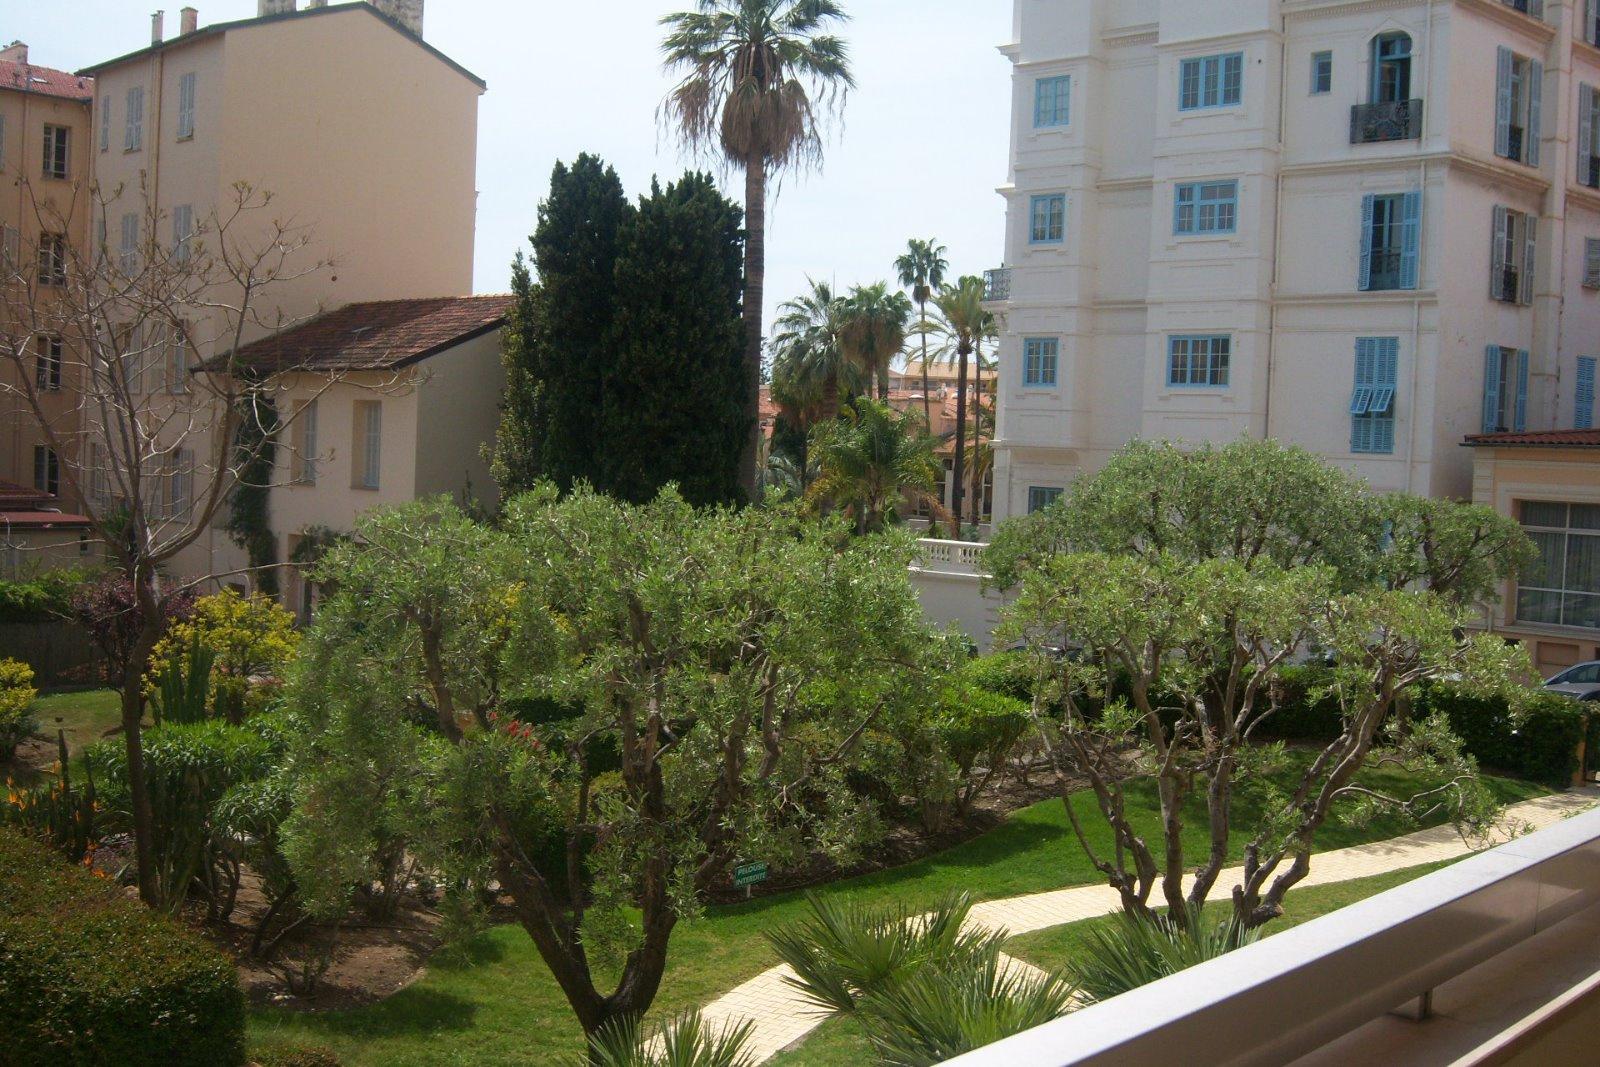 Offres locations vacances agreable studio avec terrasse menton centre ville vue jardin - Terrasse jardin ville tours ...